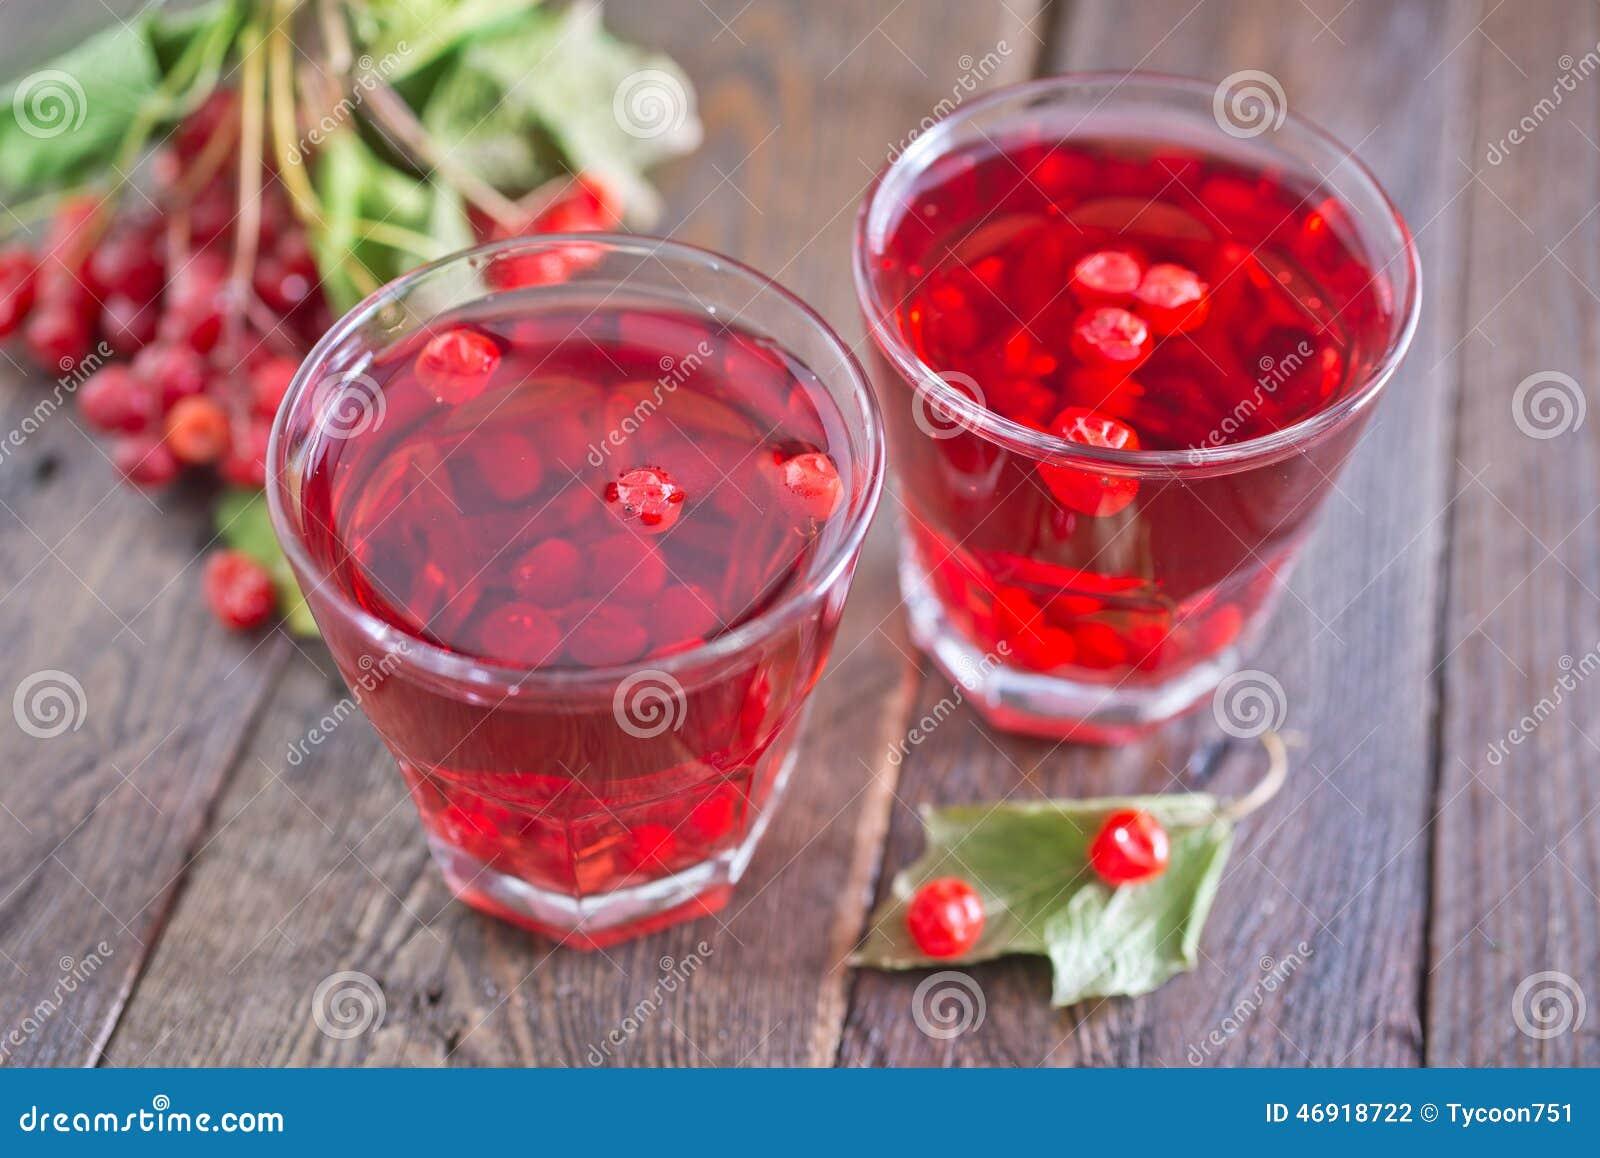 荚莲属的植物饮料